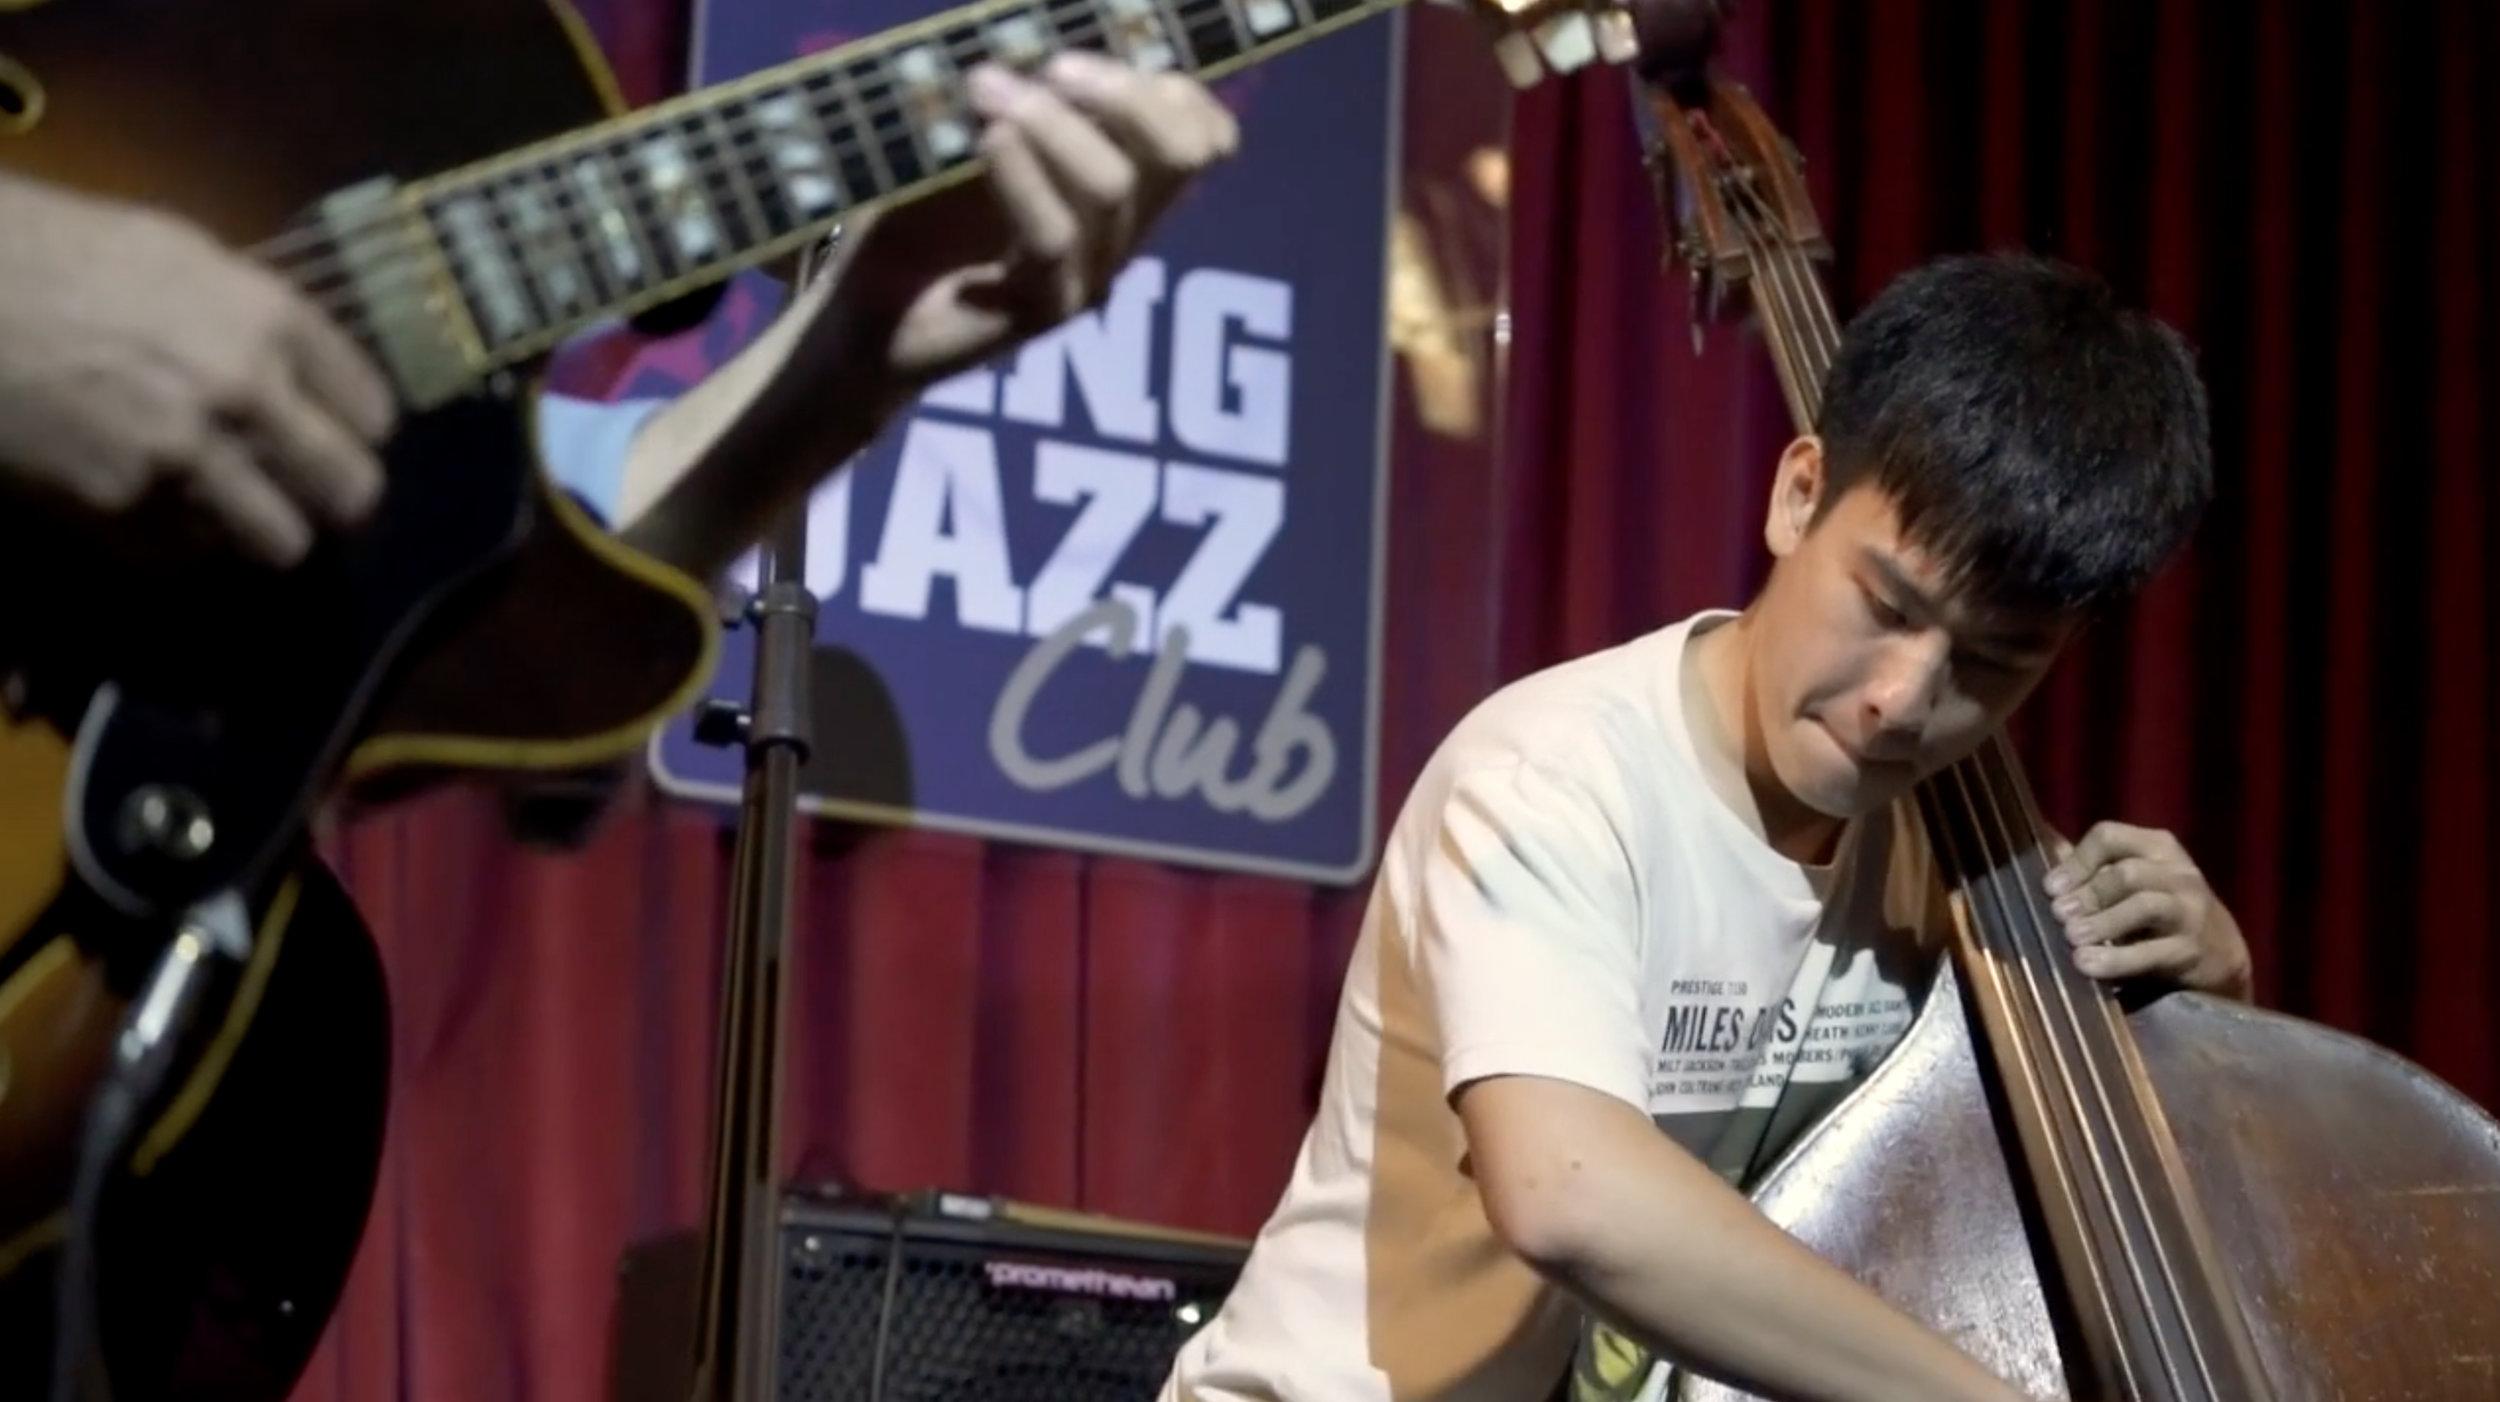 JazzClub-SS-3.jpg